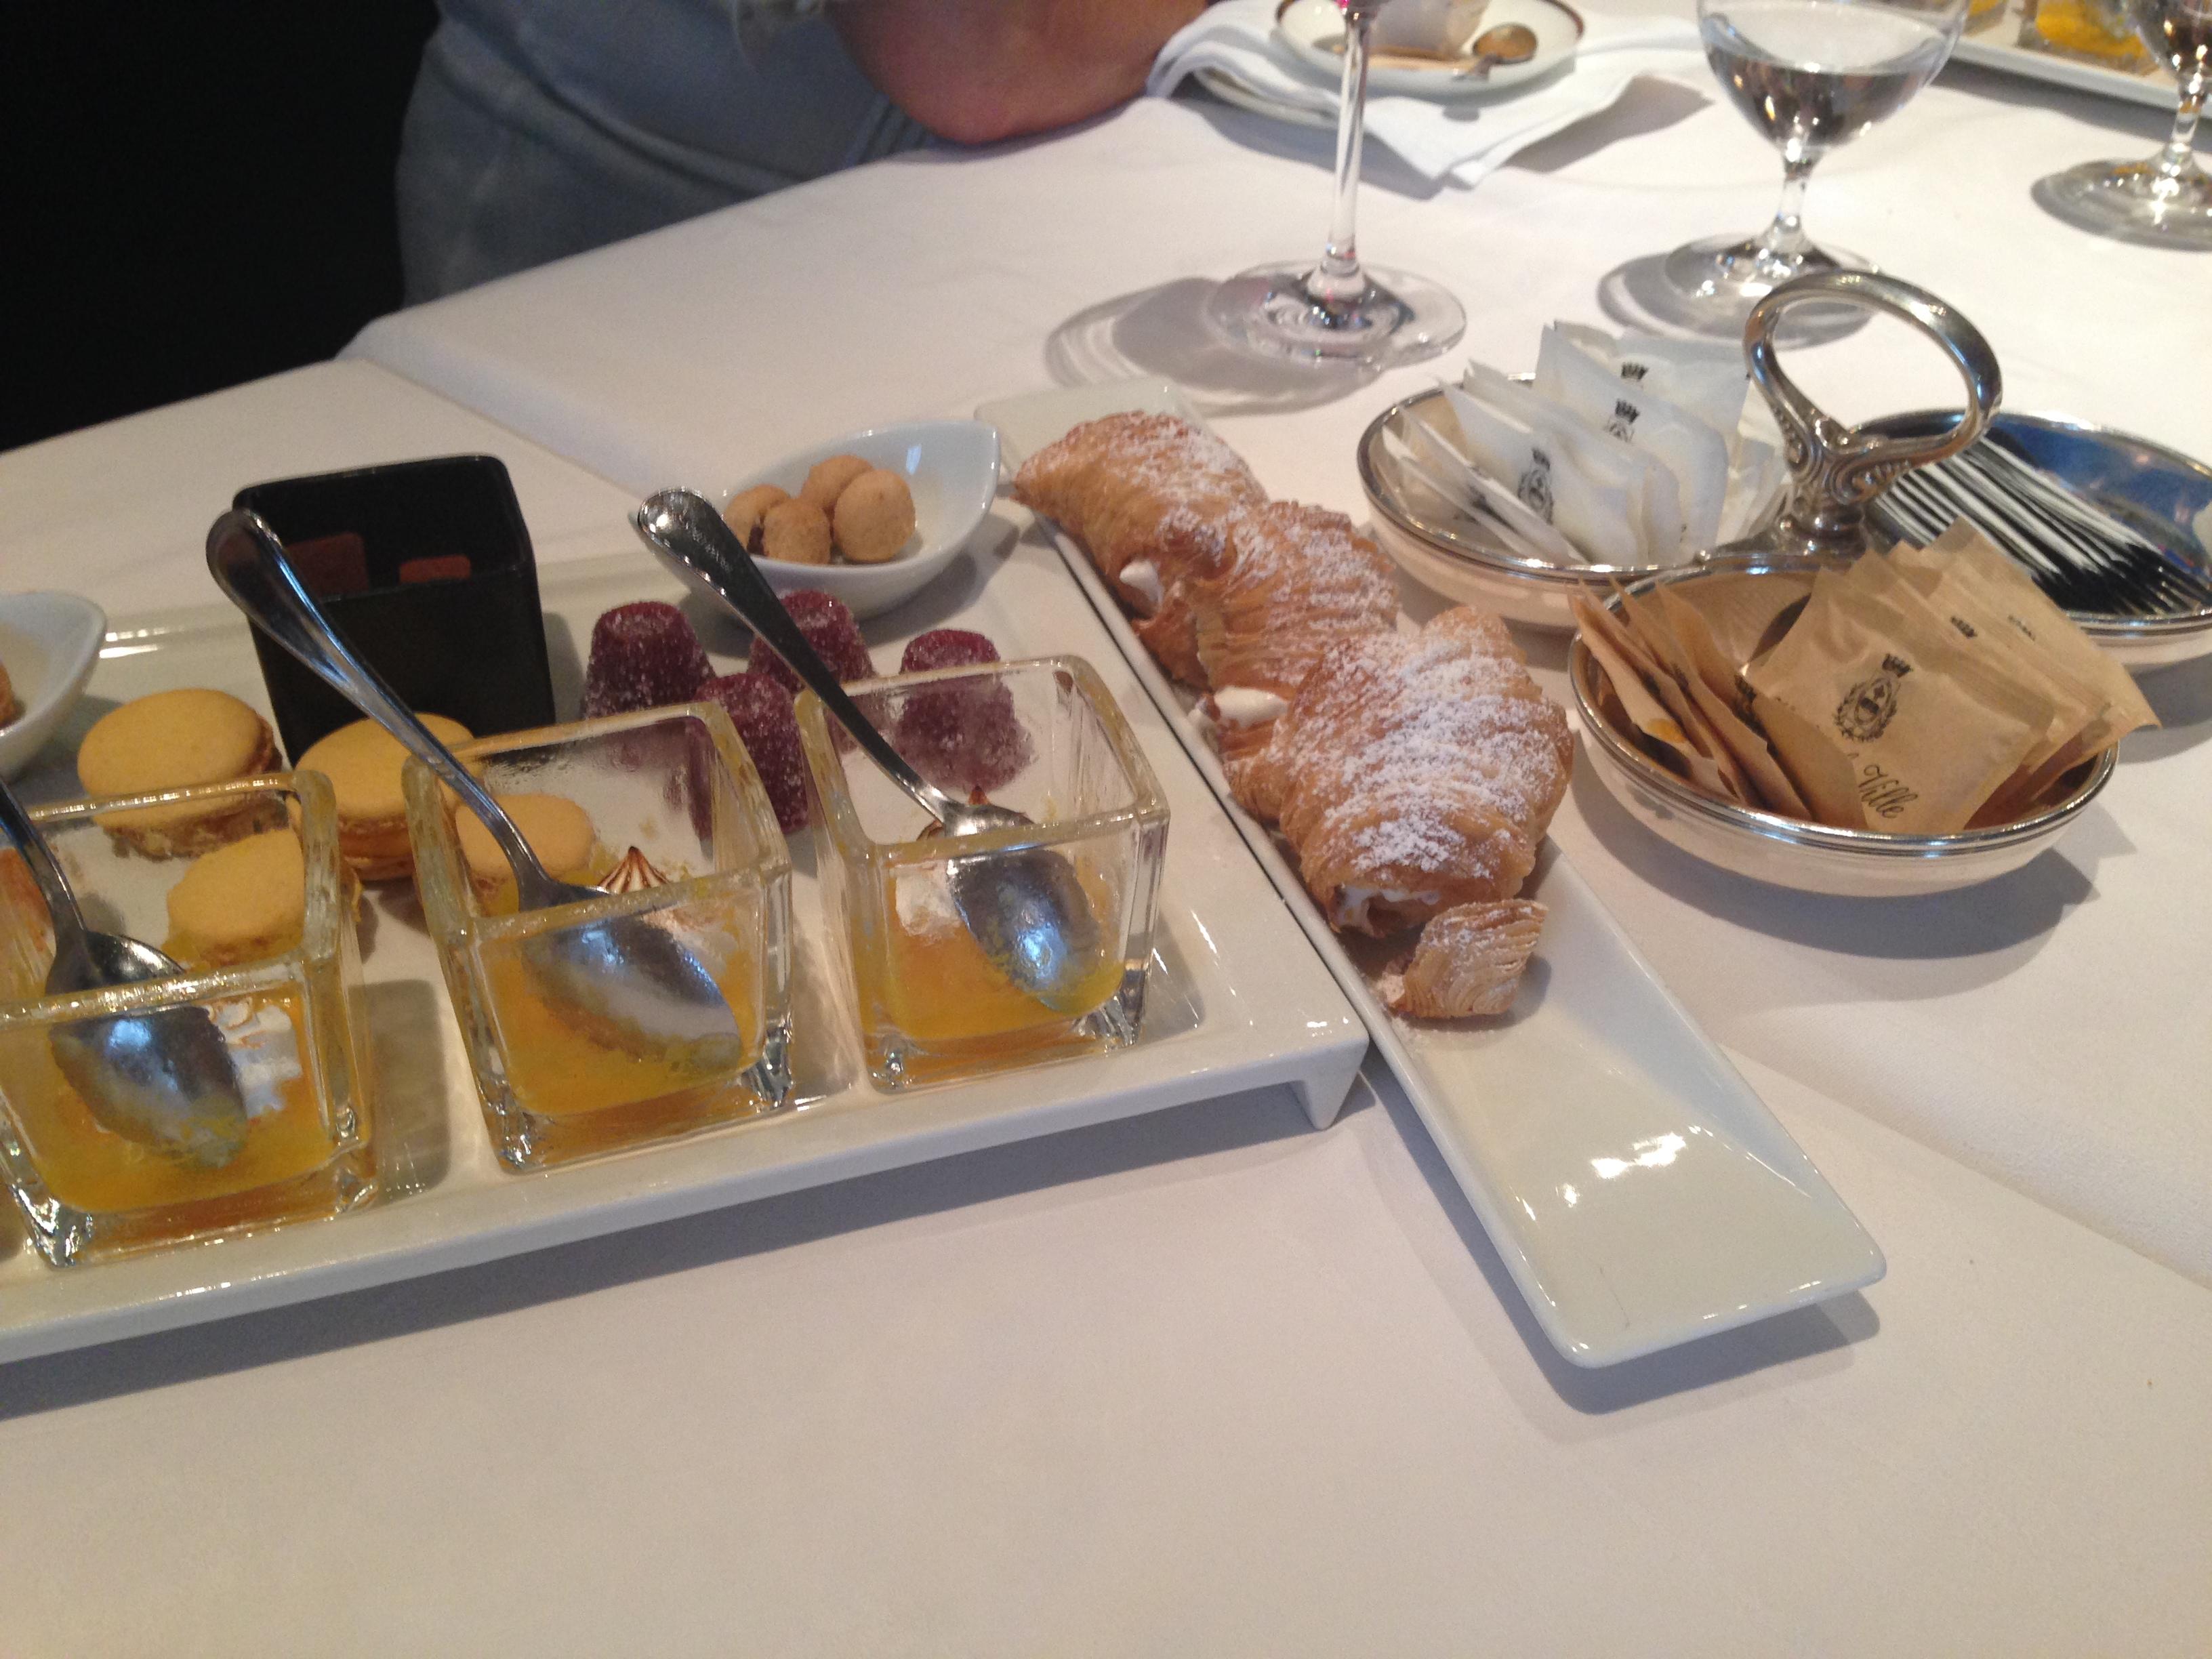 img_3310 Pausa pranzo al ristorante Deby Grill presso l'Hote de la Ville a Monza